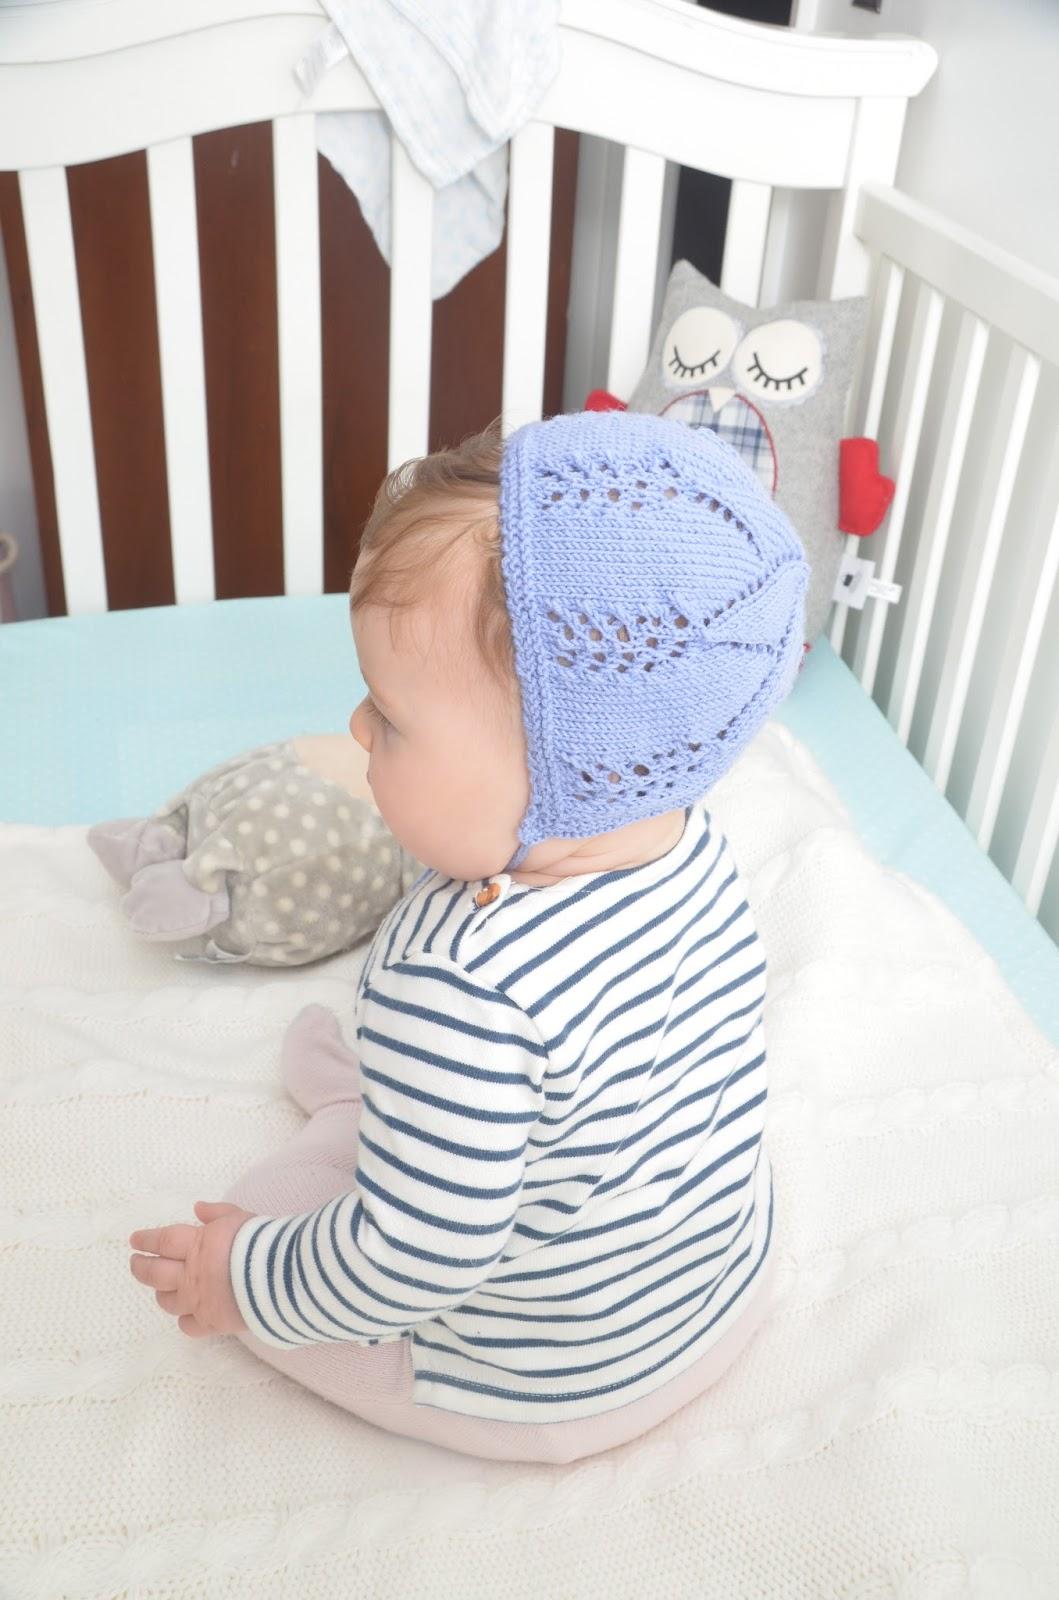 lanitasypapel: Haz una capota para bebé con estrella DIY